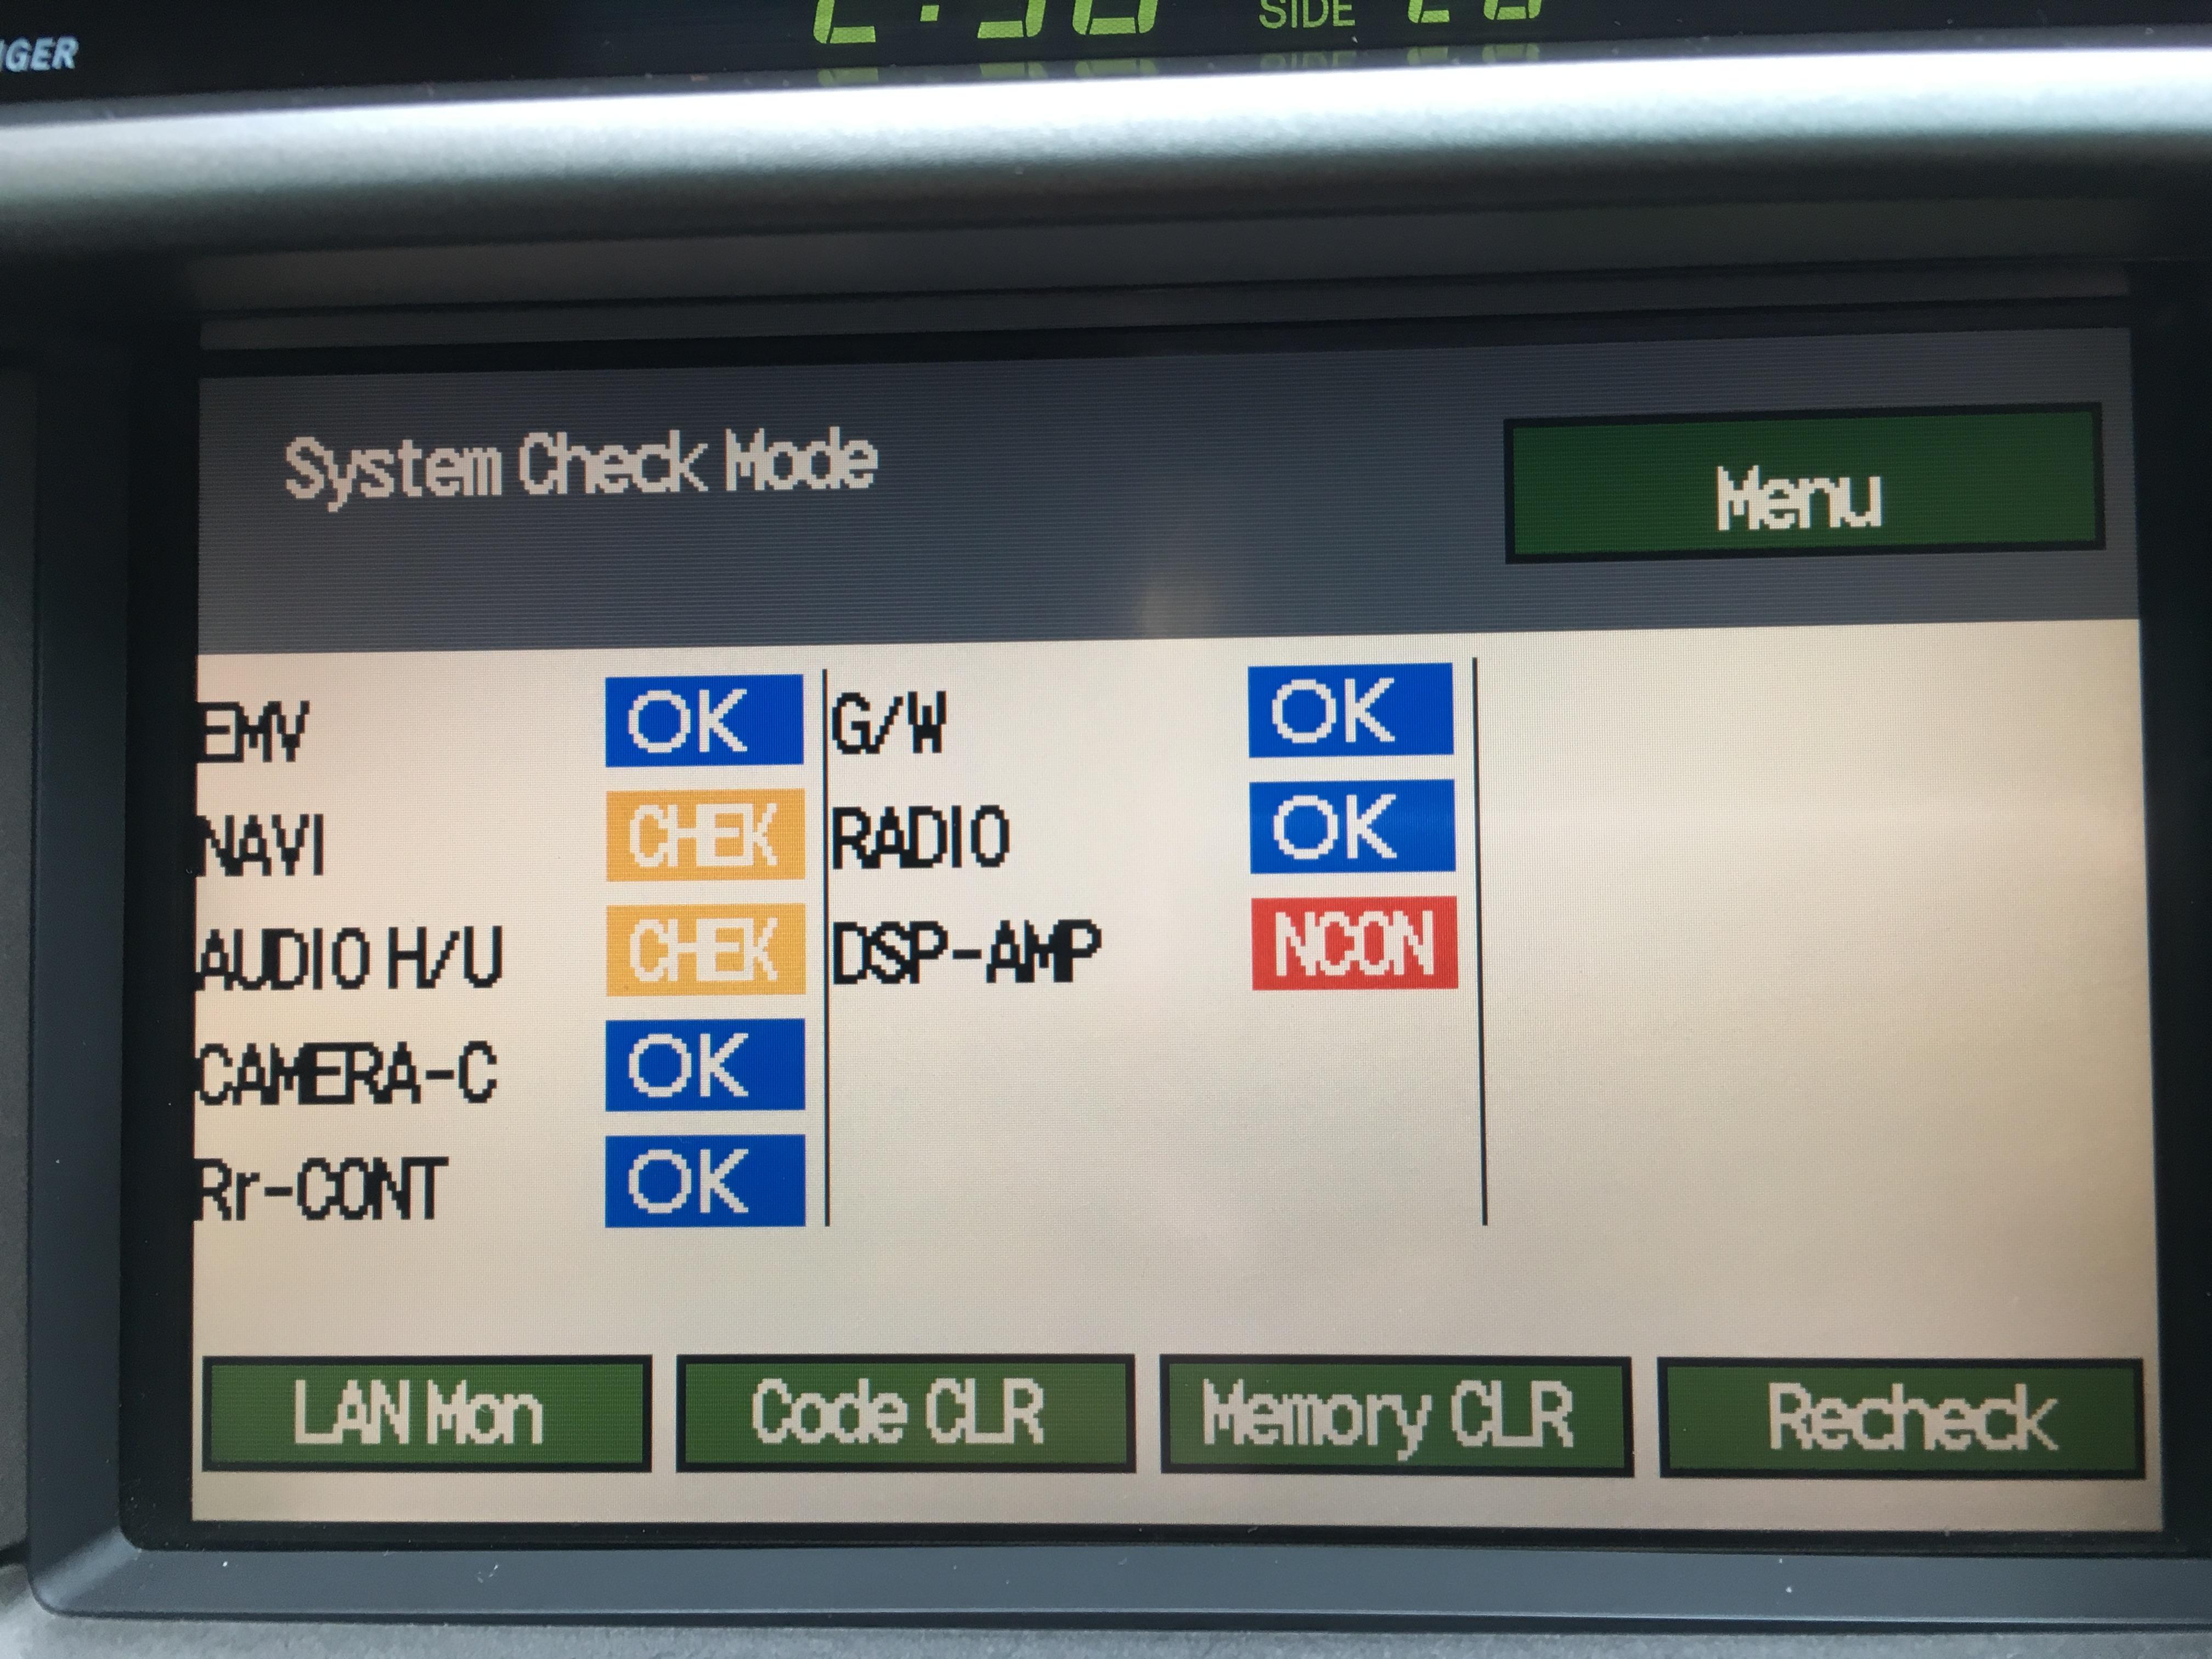 Lexus LS430 No Sound from Audio - Amplifier OK - LS 400 / Lexus LS